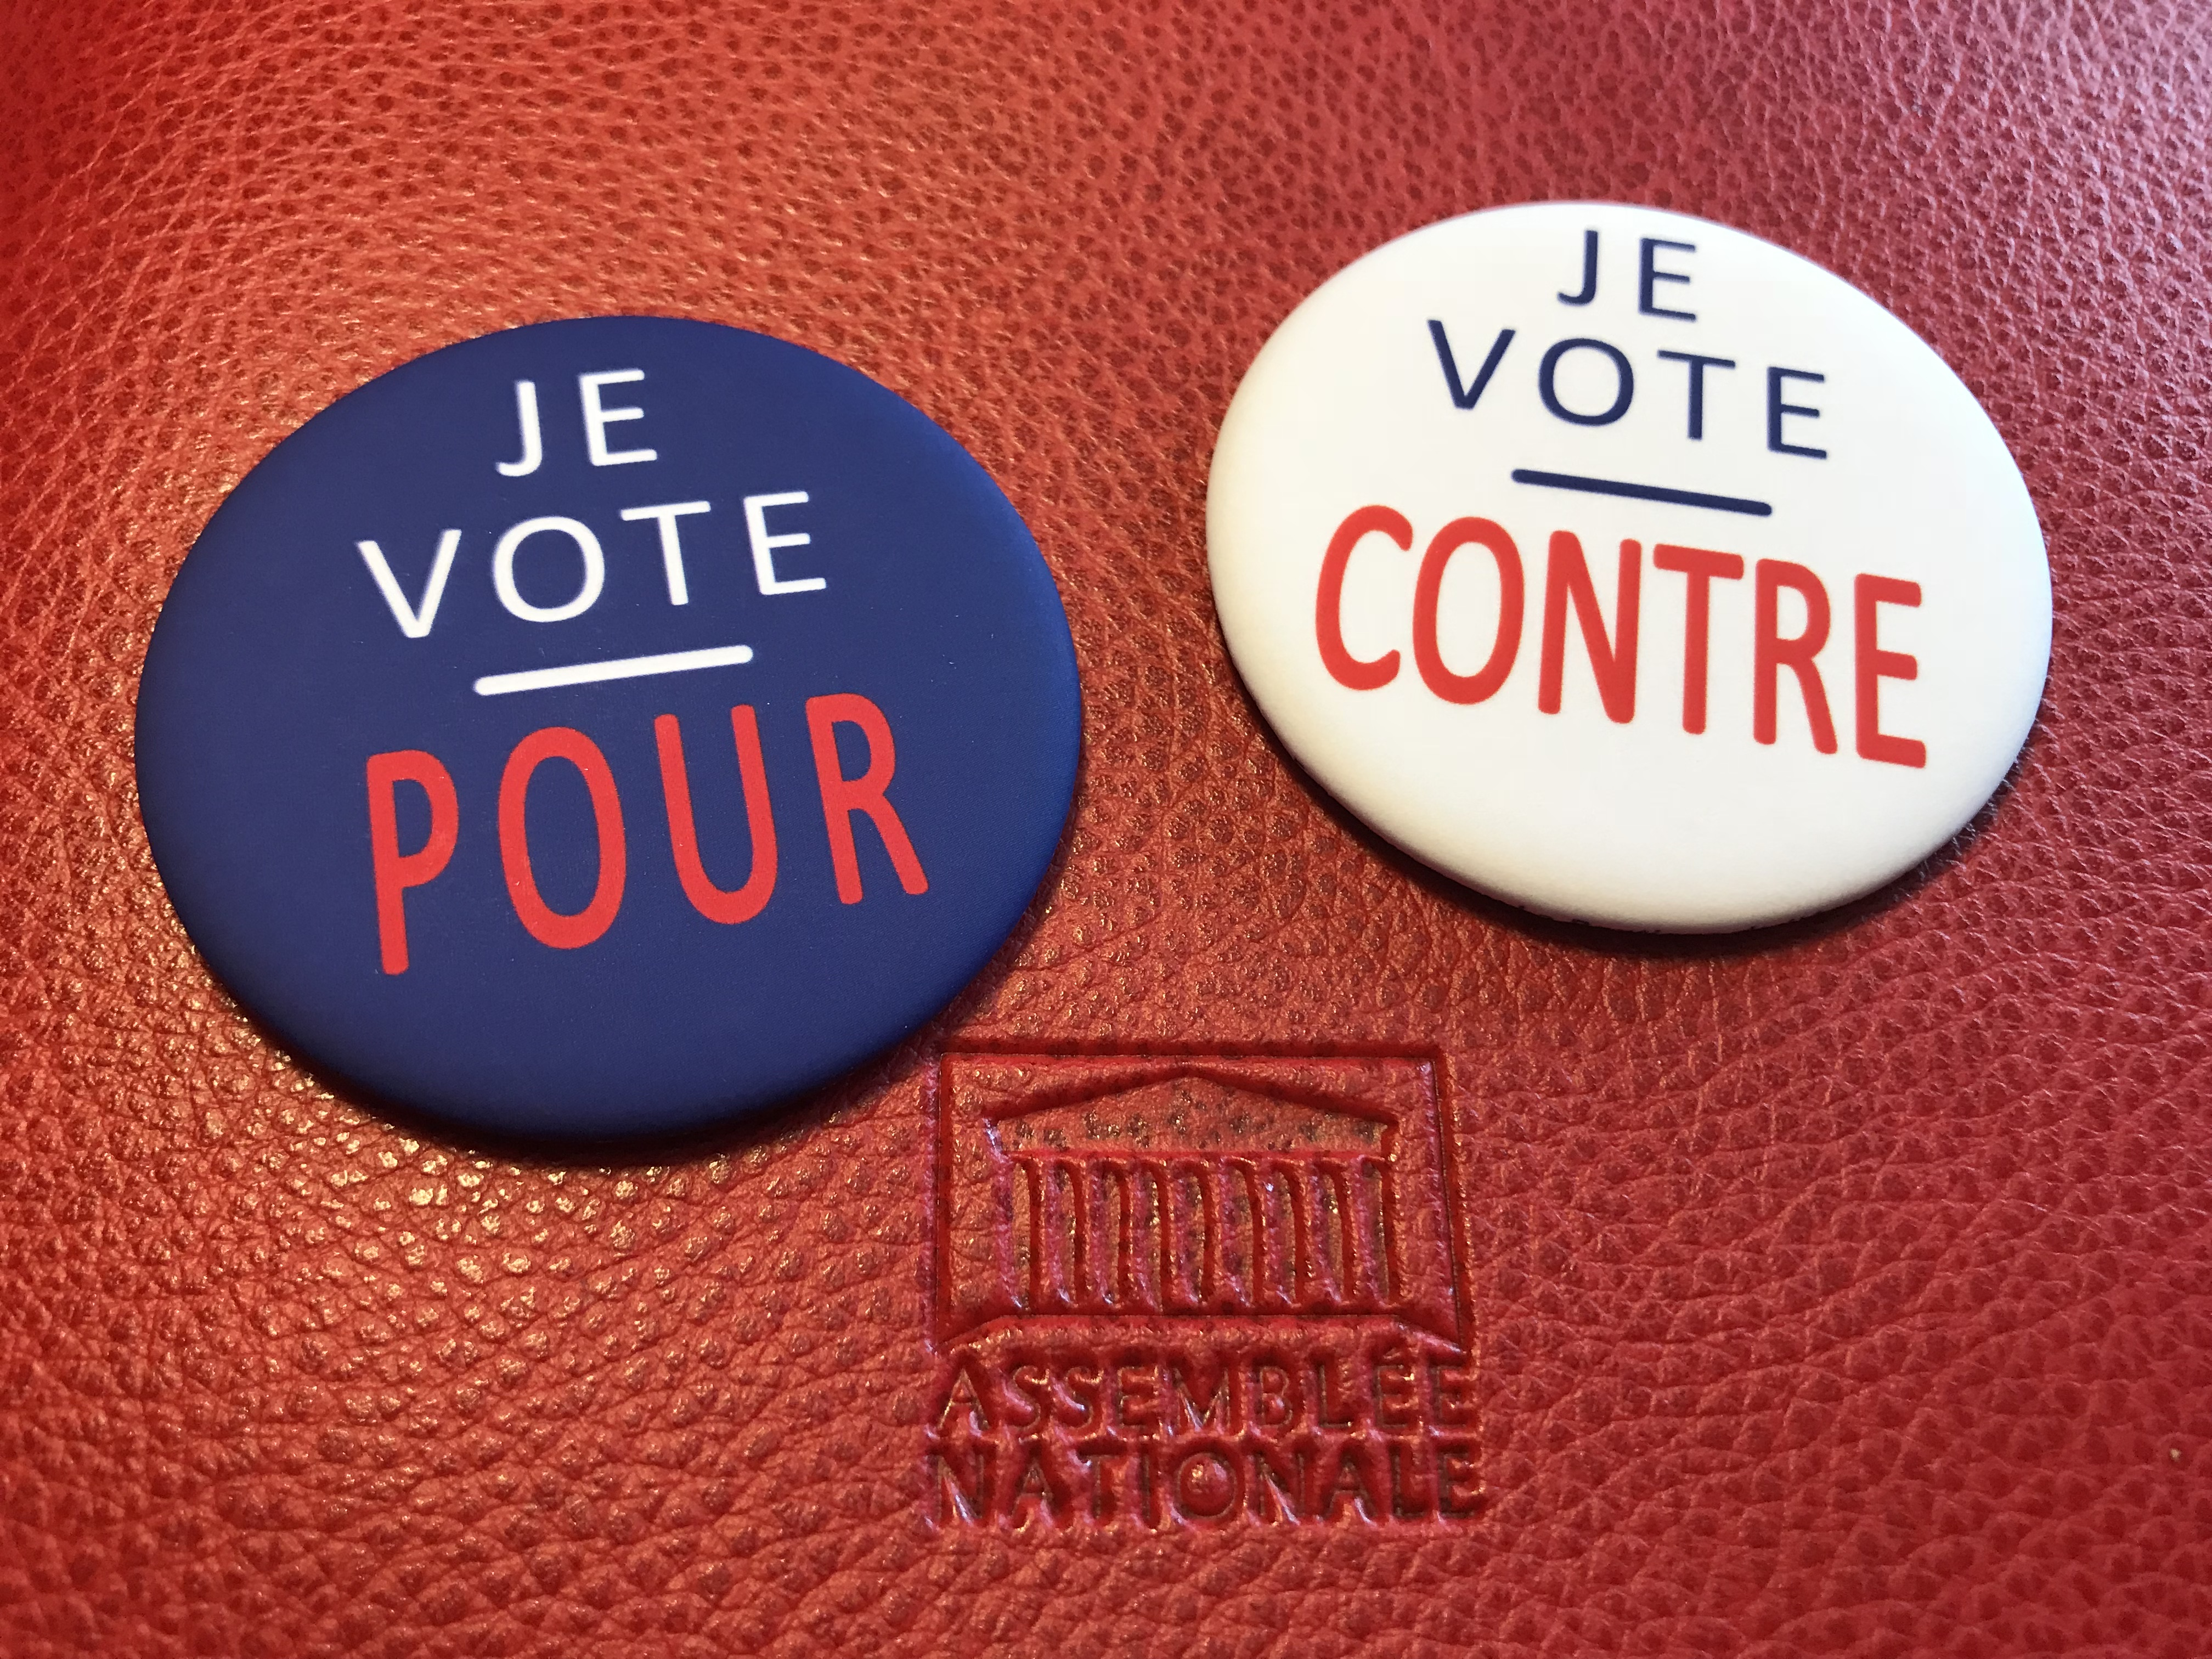 J'ai voté pour / J'ai voté contre